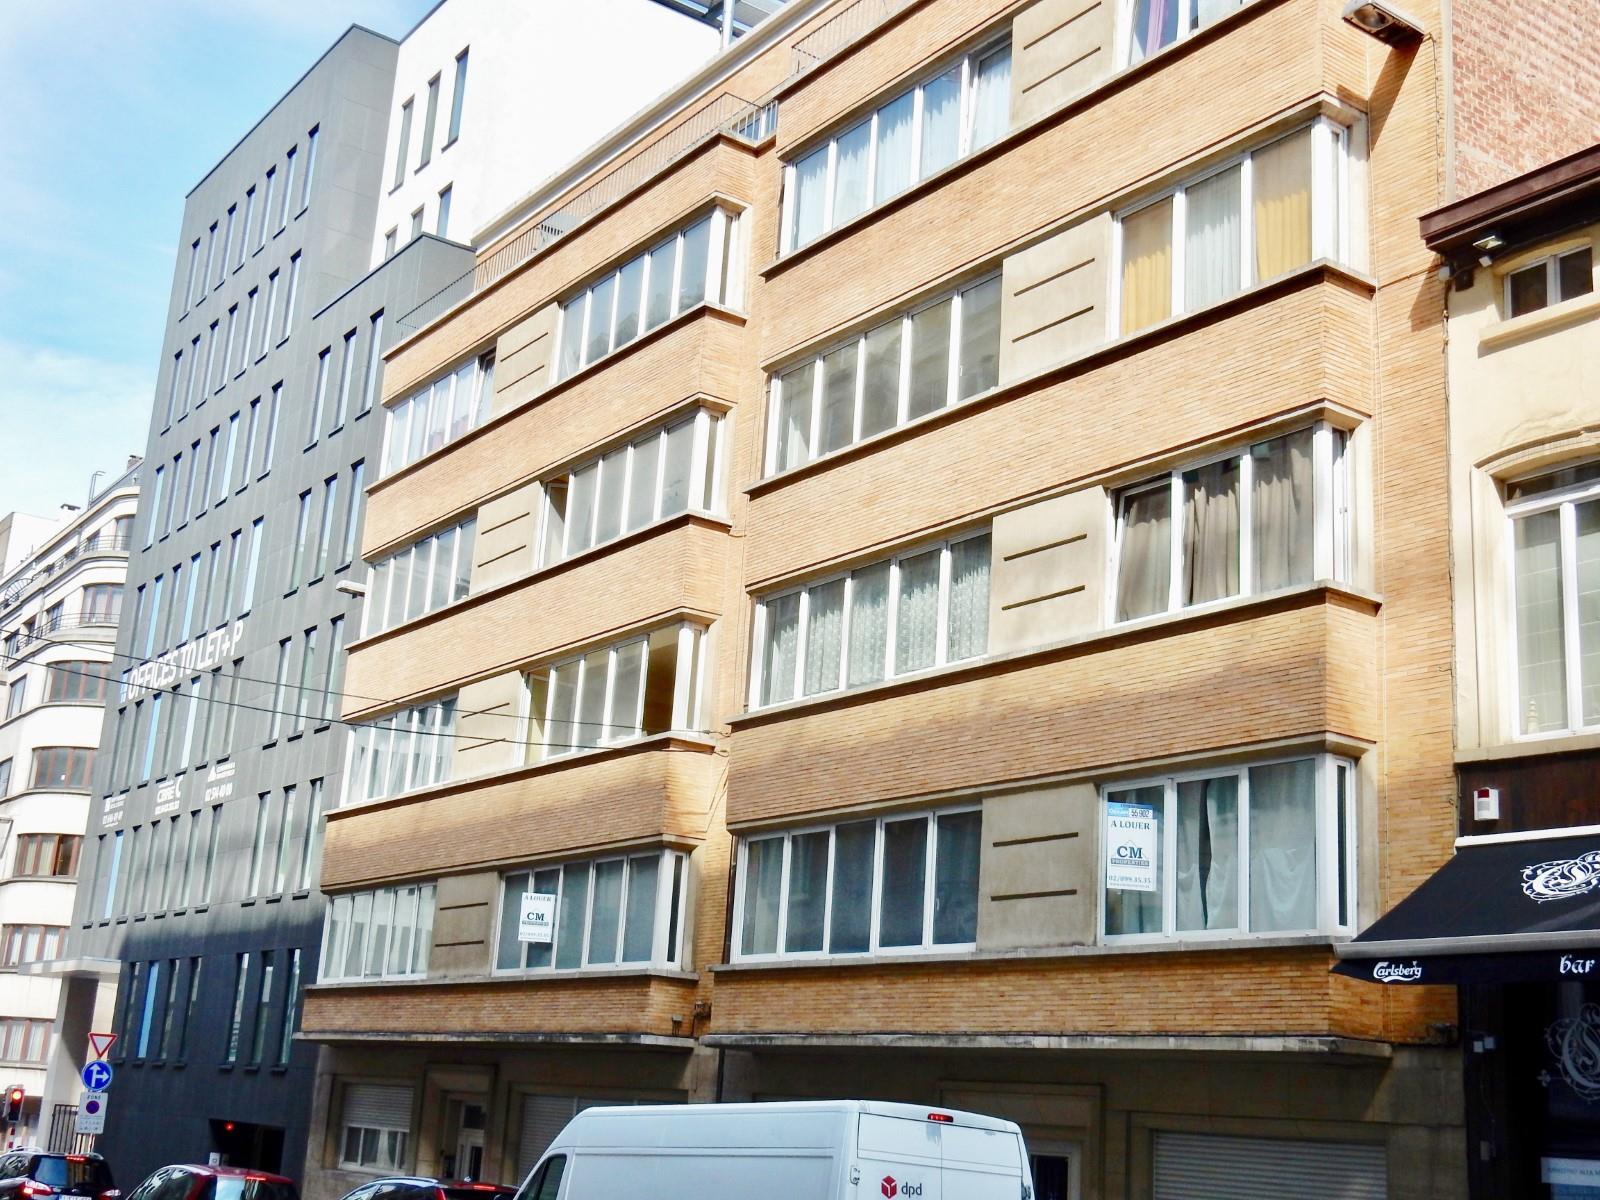 Flat - Bruxelles - #3310838-11